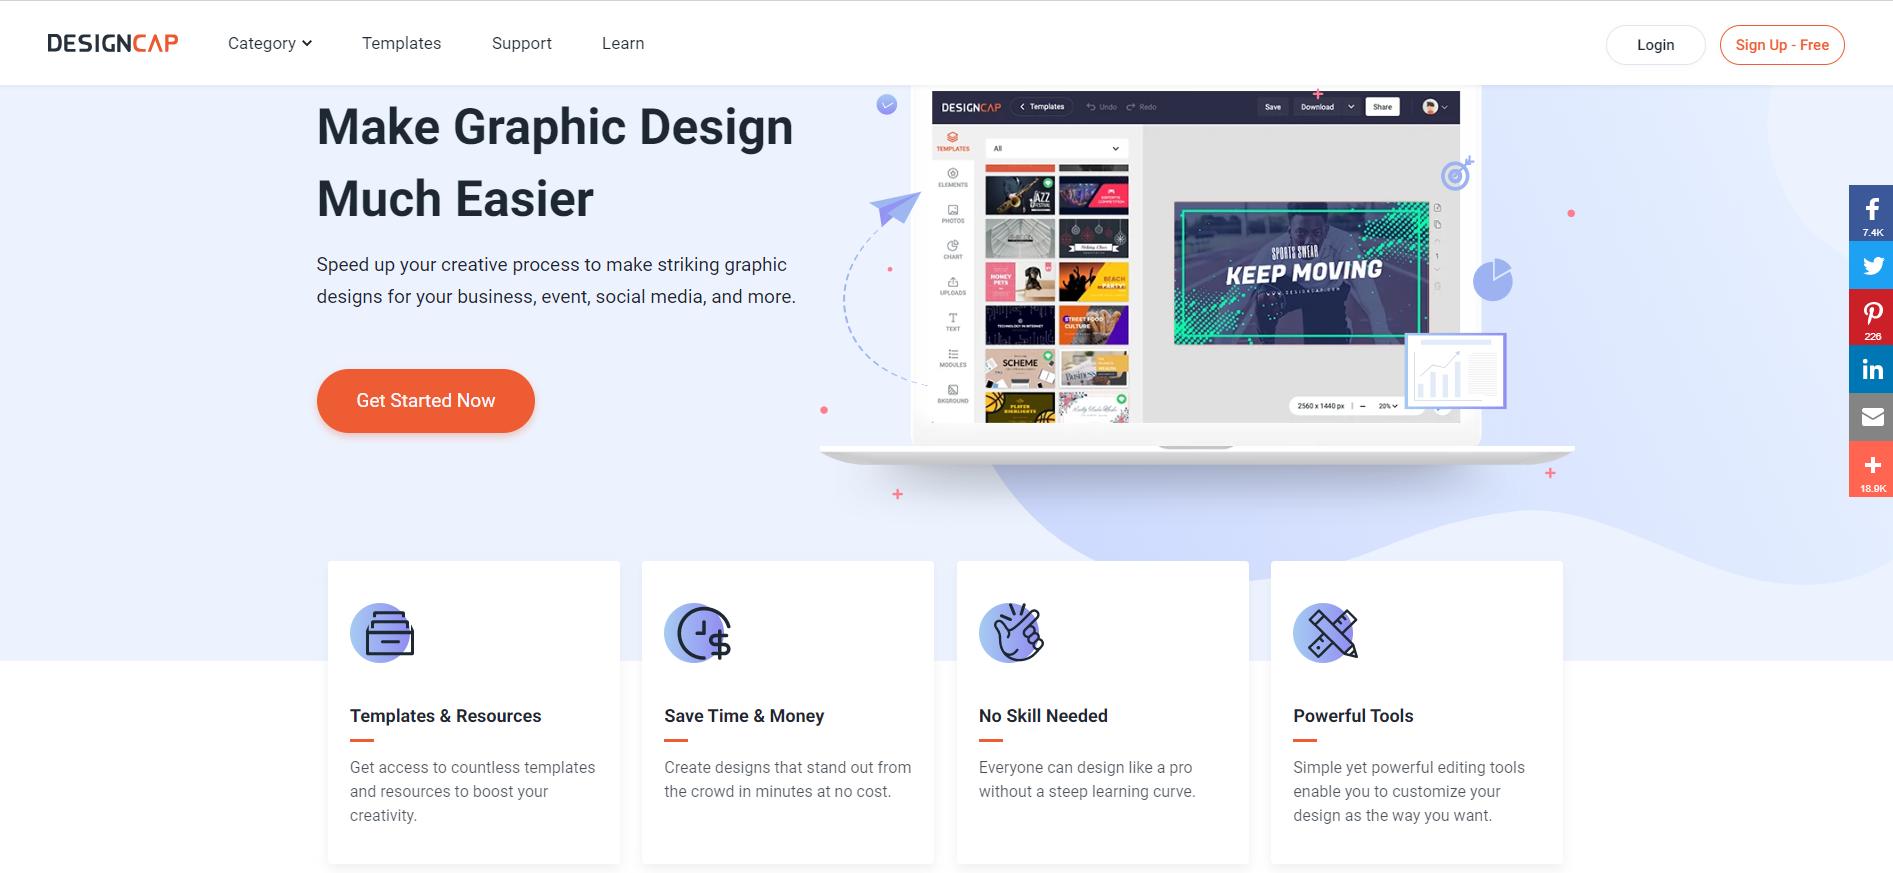 موقع التصميم DesignCap